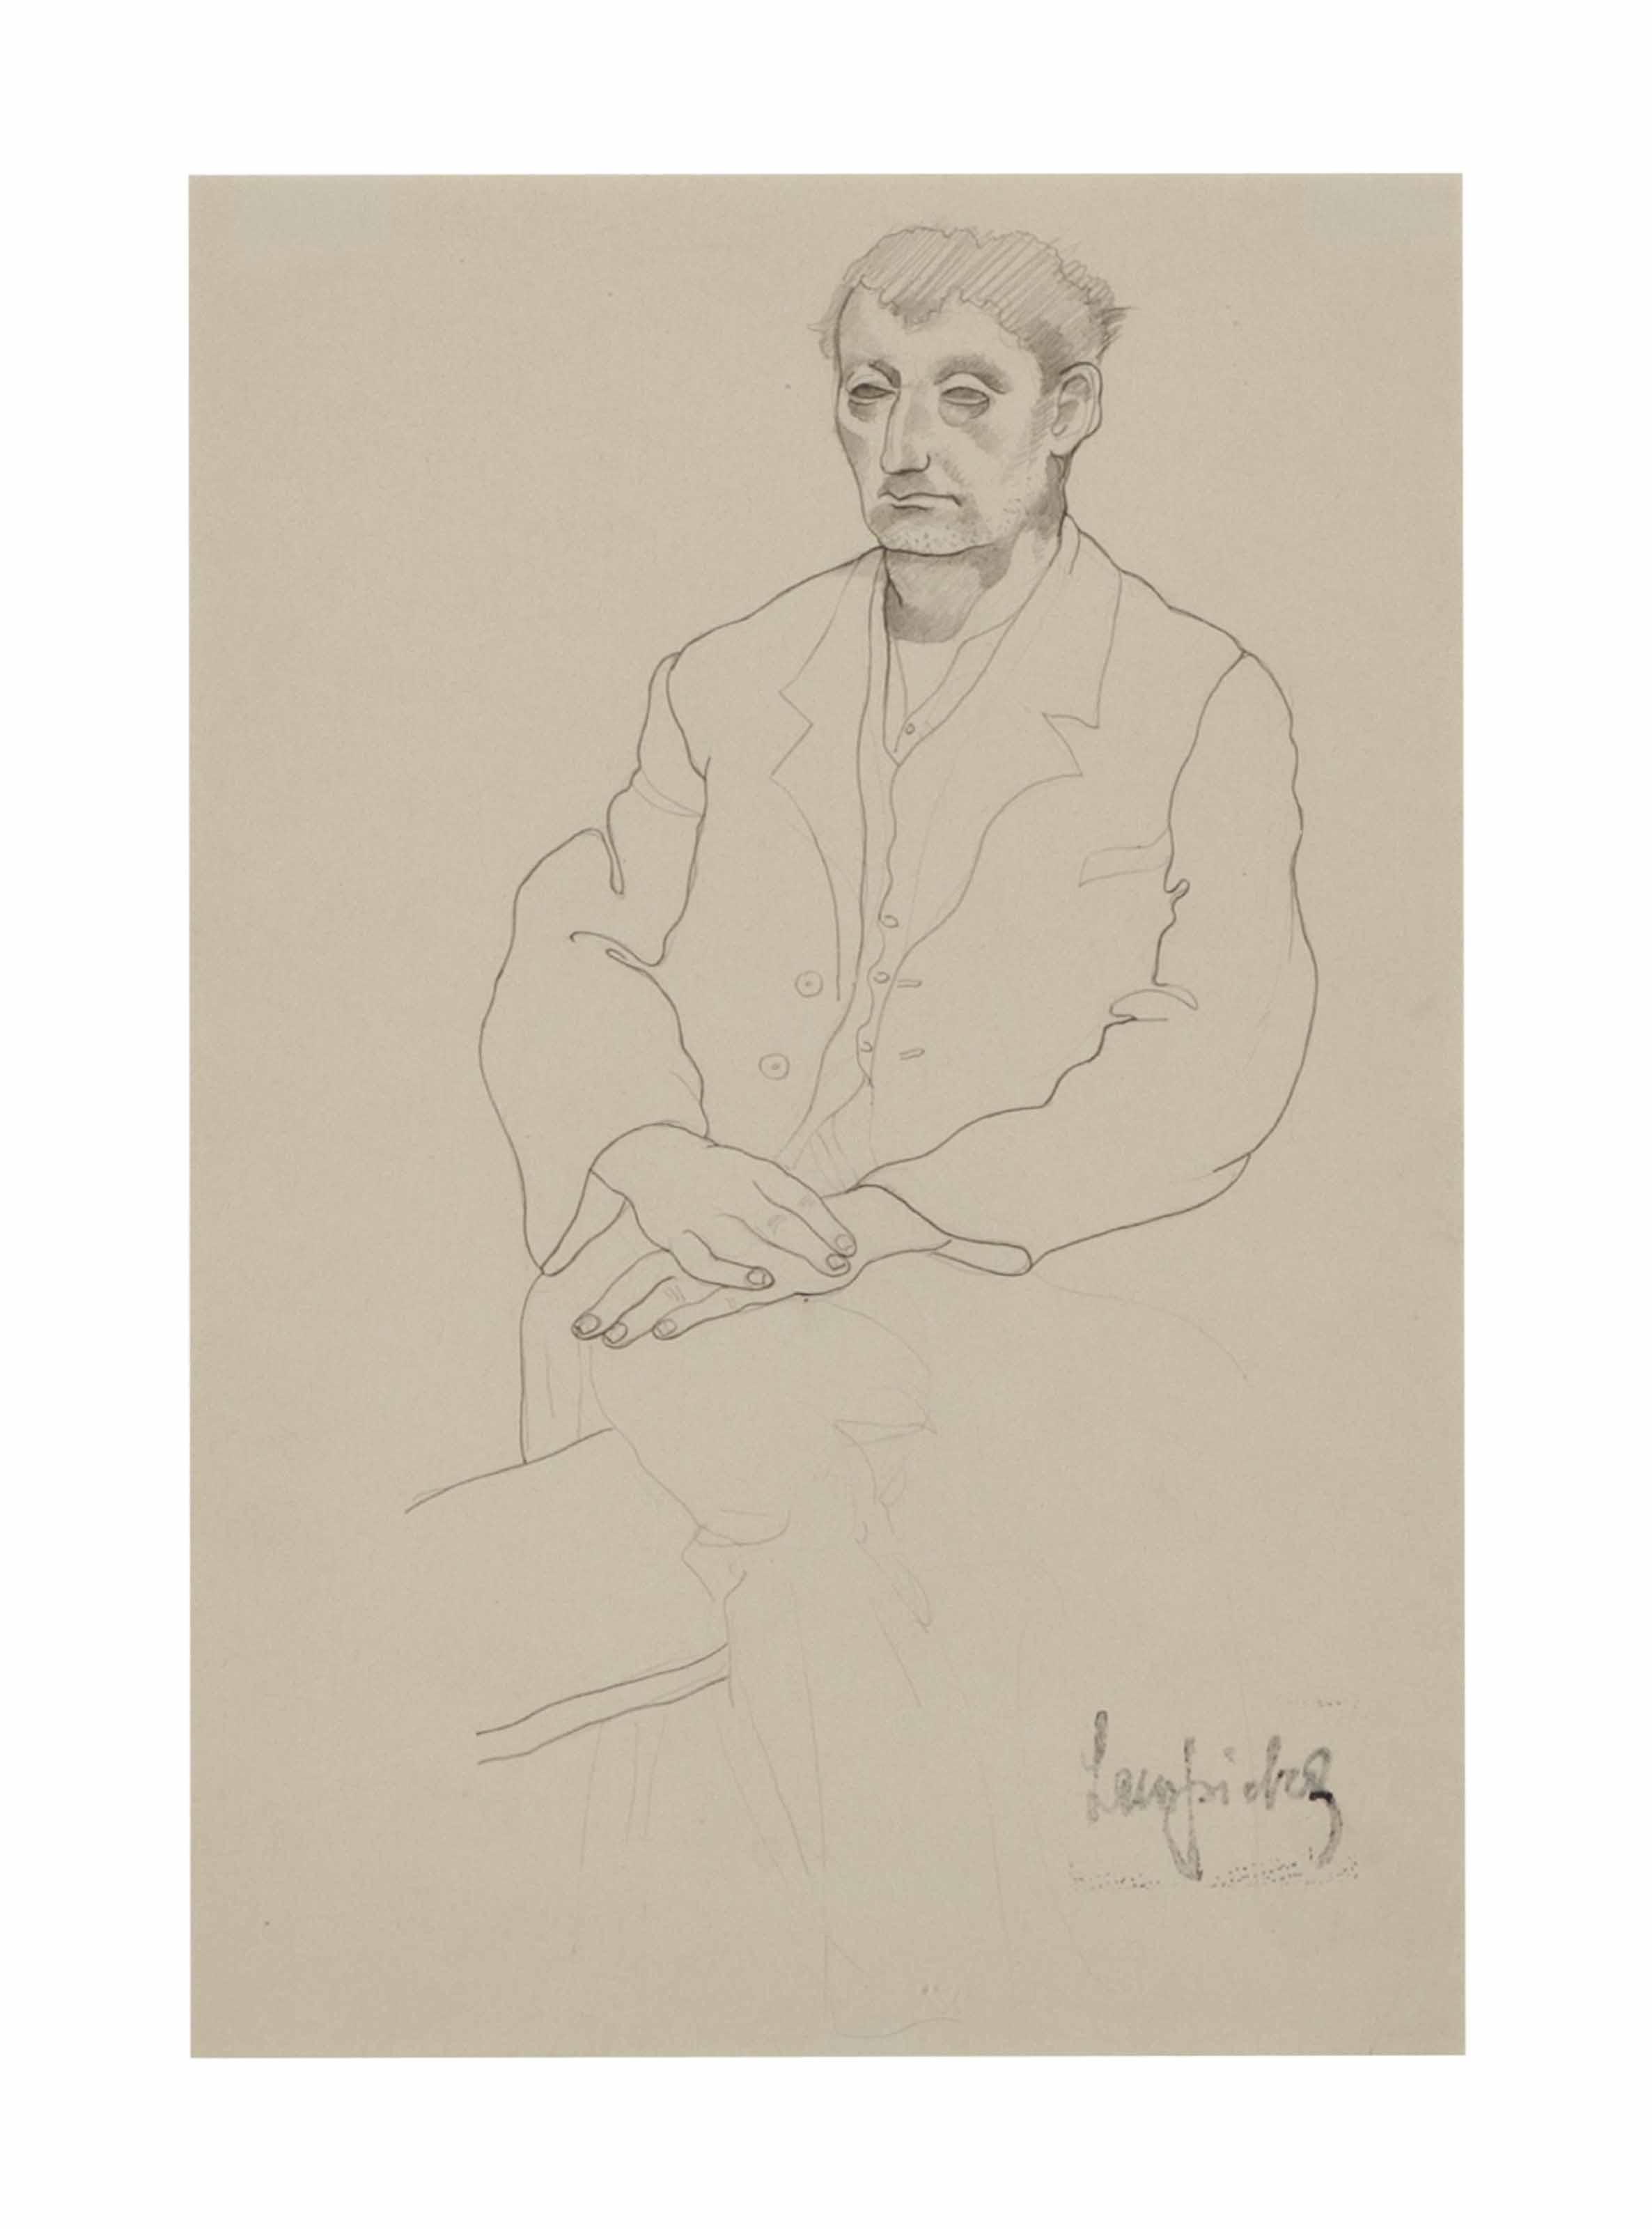 Tamara De Lempicka (Polish, 18